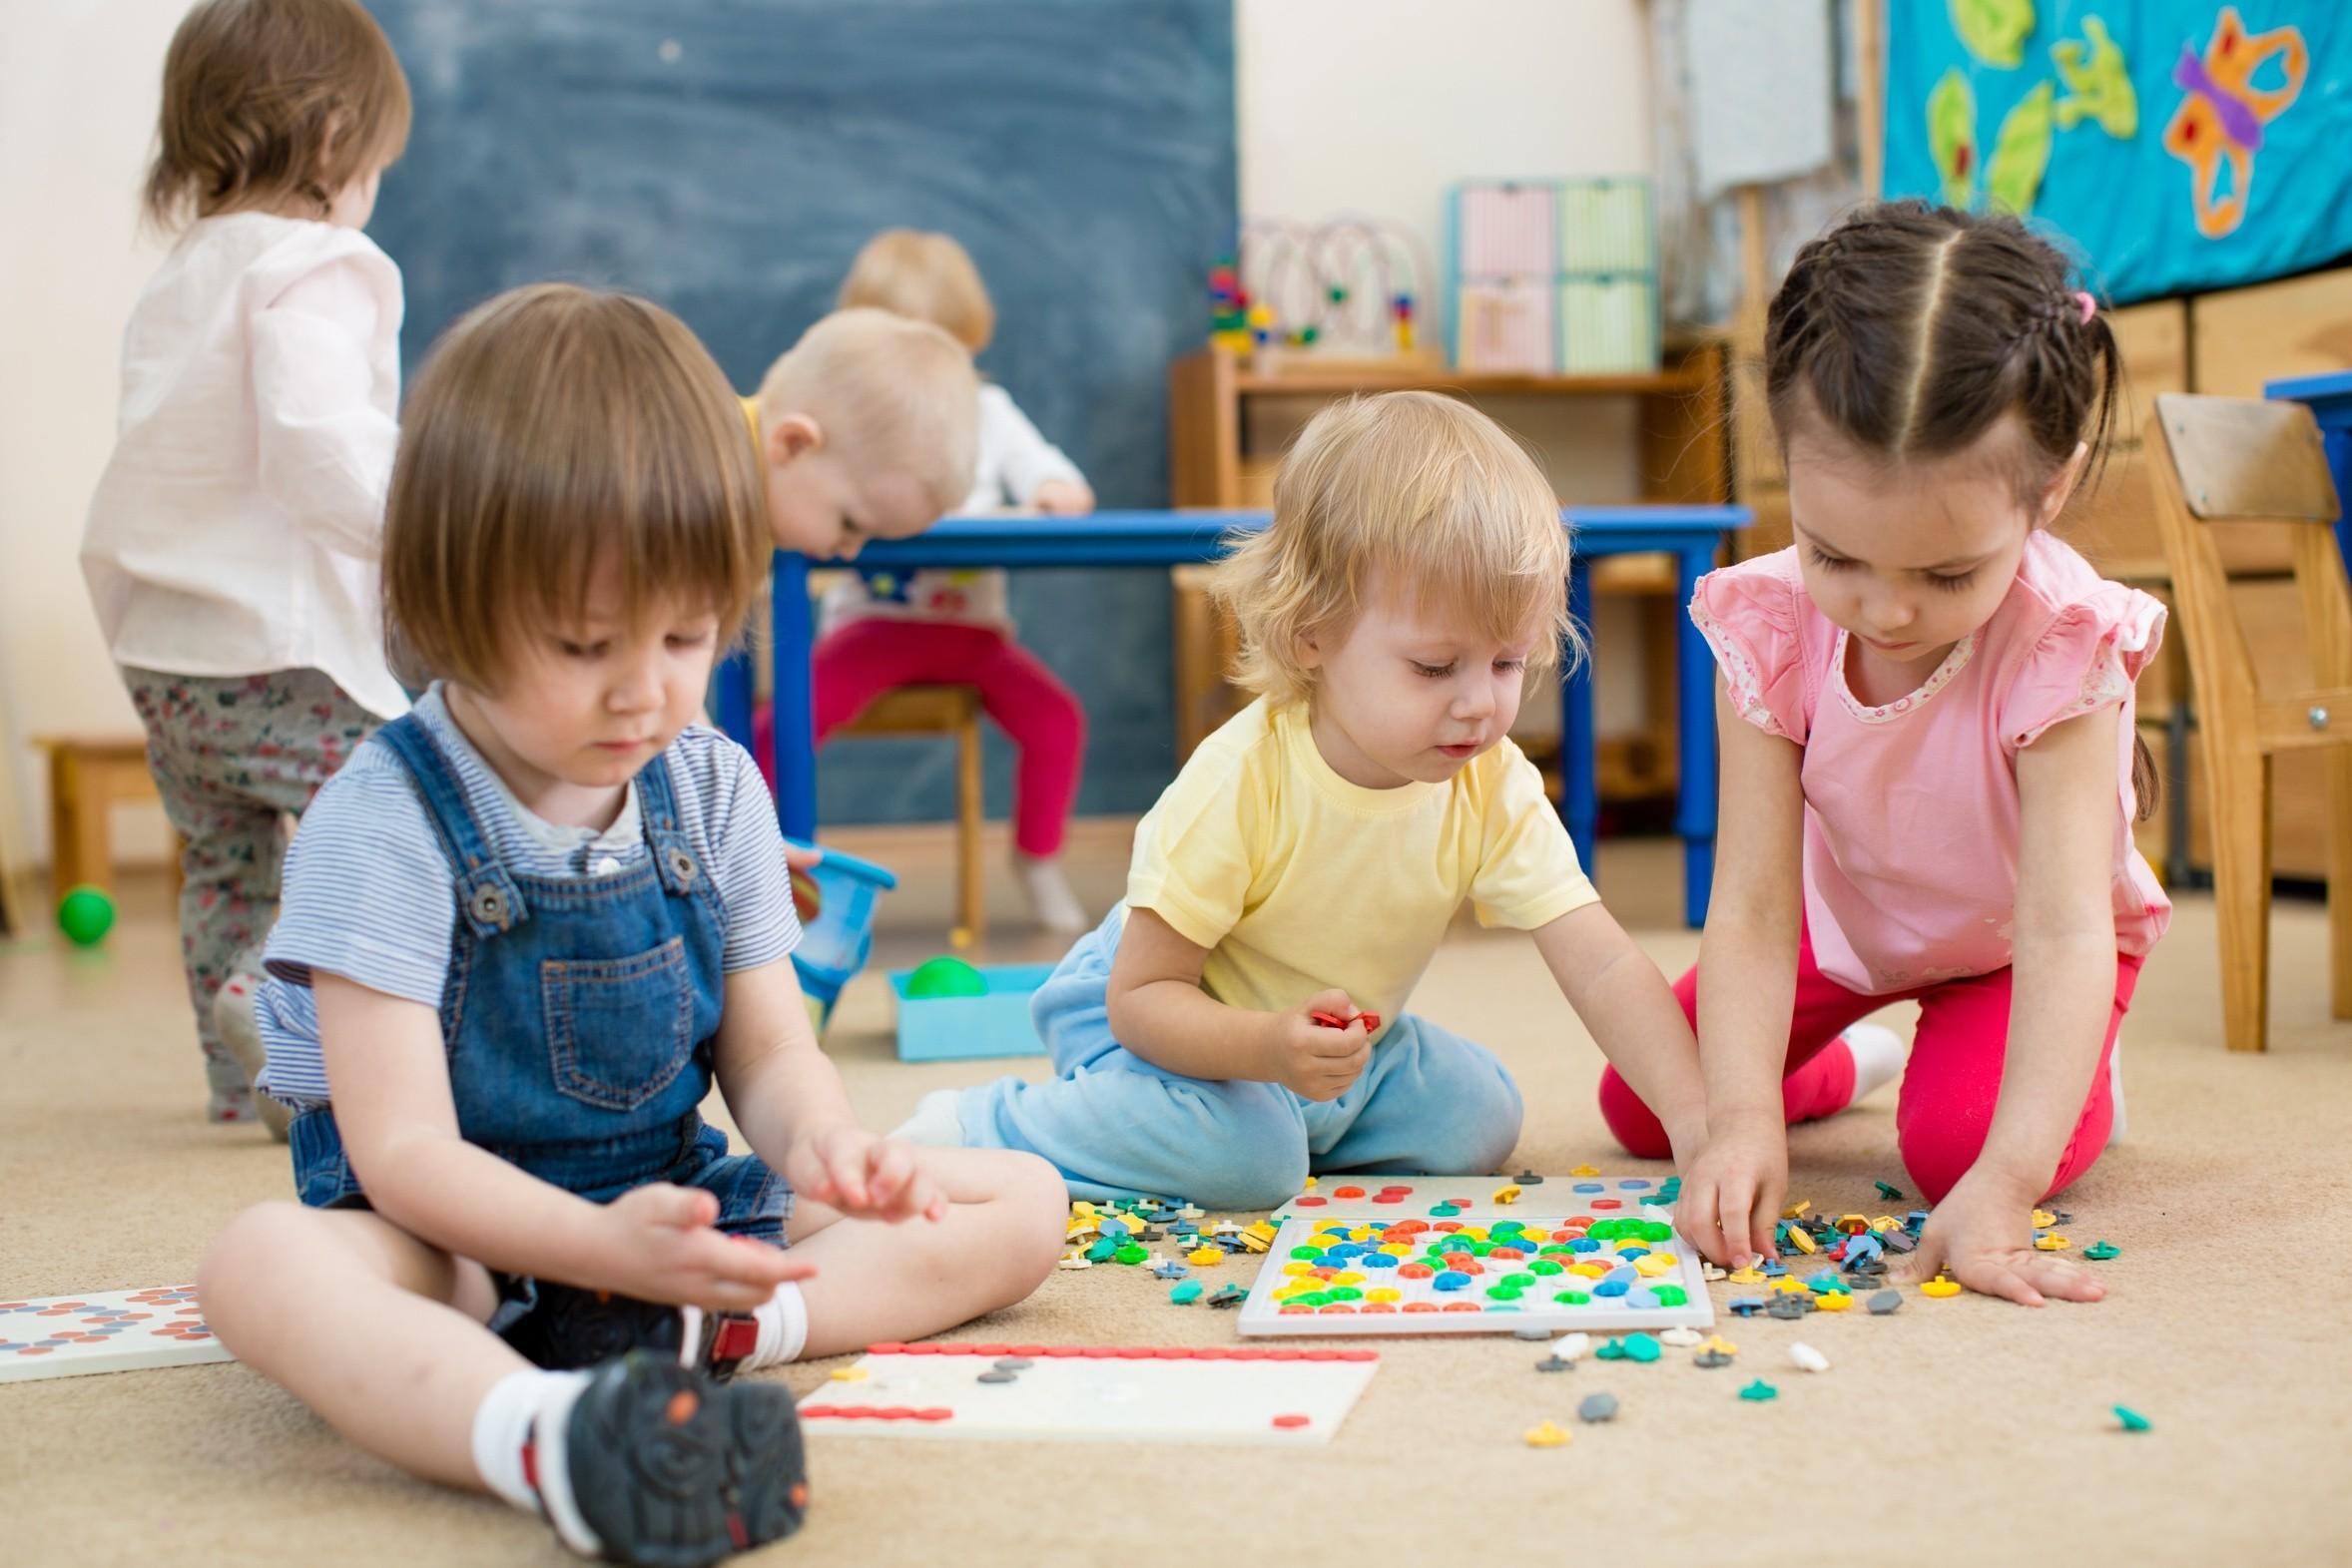 Il est important d'adapter les apprentissages en fonction de l'âge, des capacités et des besoins de la personne.